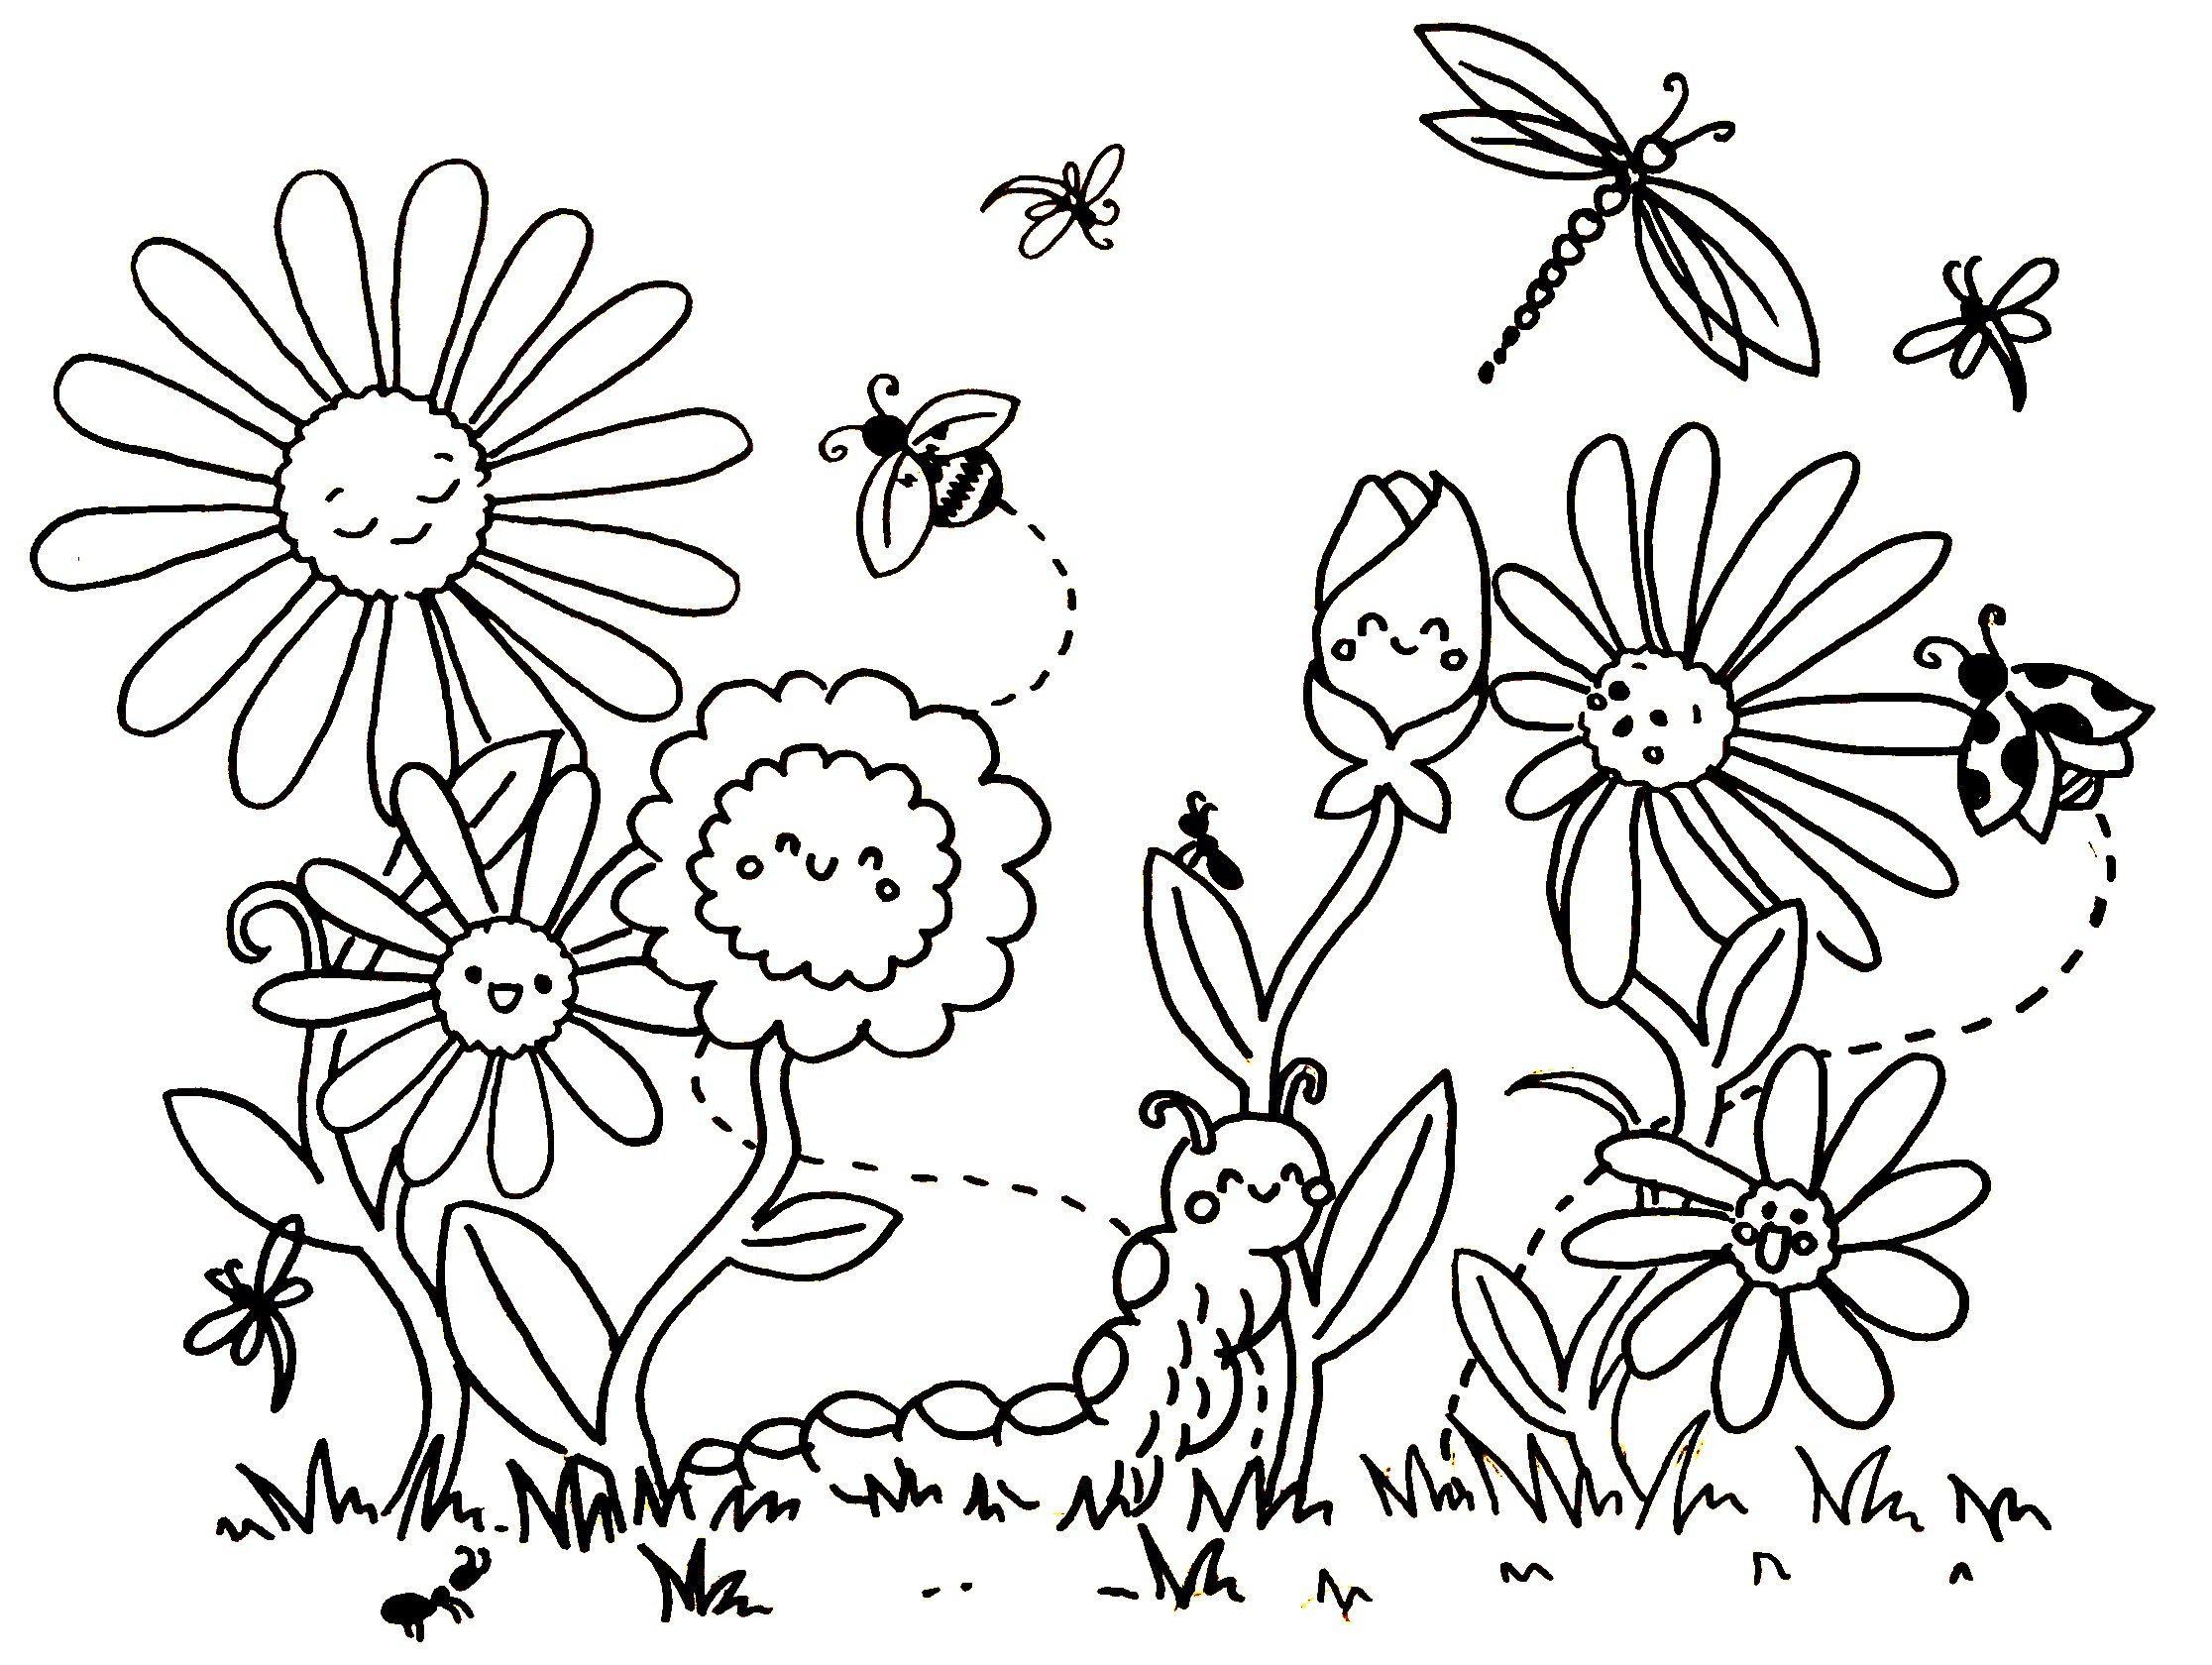 Ausmalbilder Blumenwiese Zum Ausdrucken  Blumen ausmalen